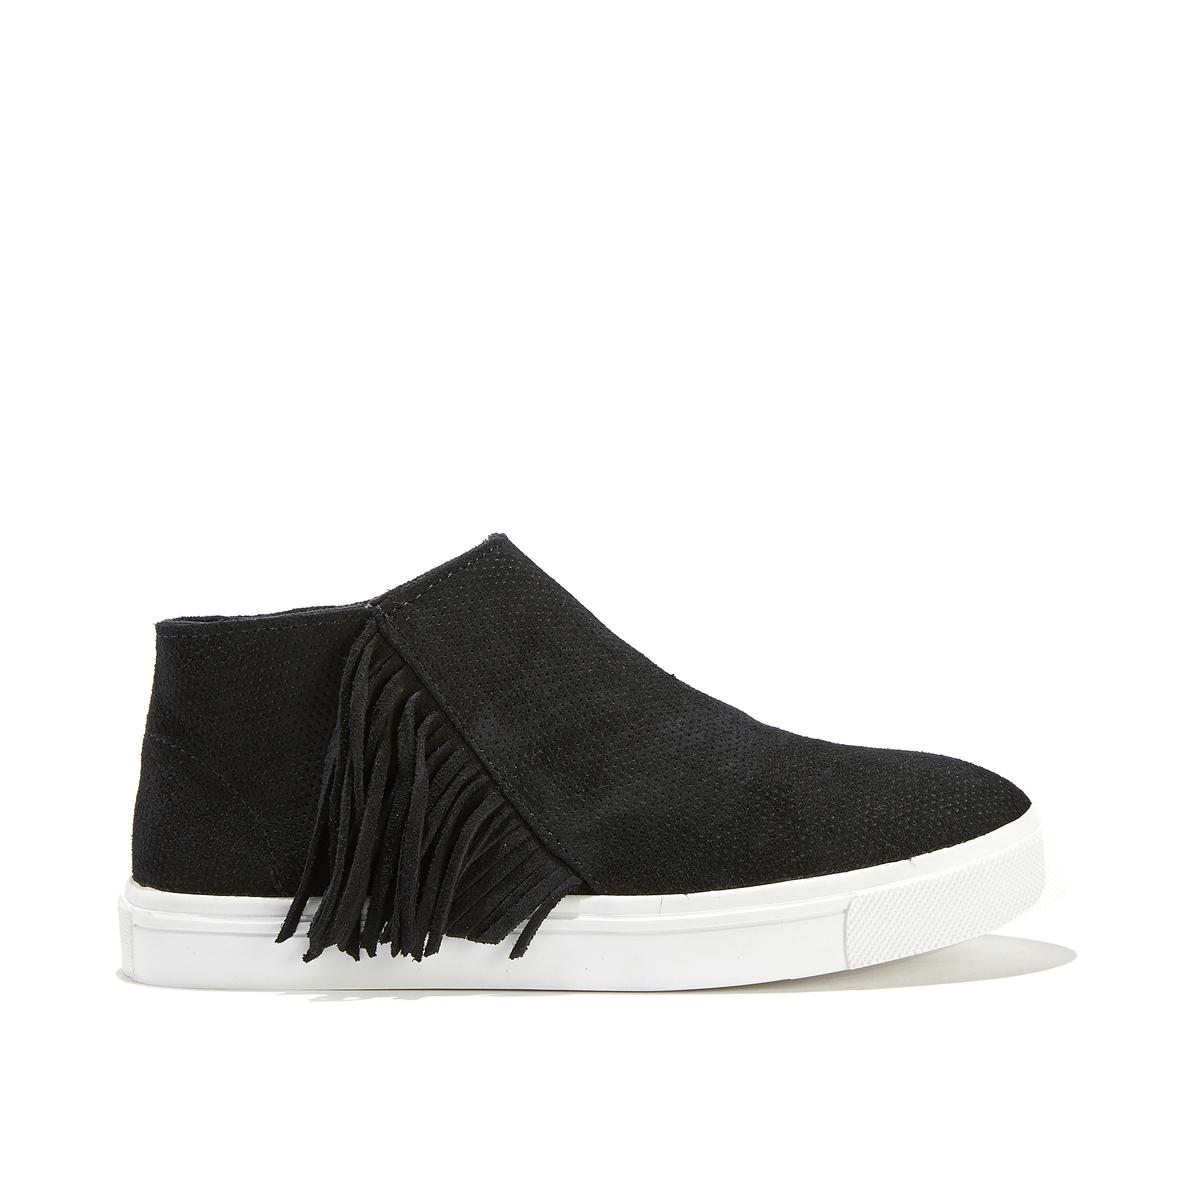 Кроссовки кожаные на молнии с бахромой GWEN BOOTIE ботинки кожаные с бахромой